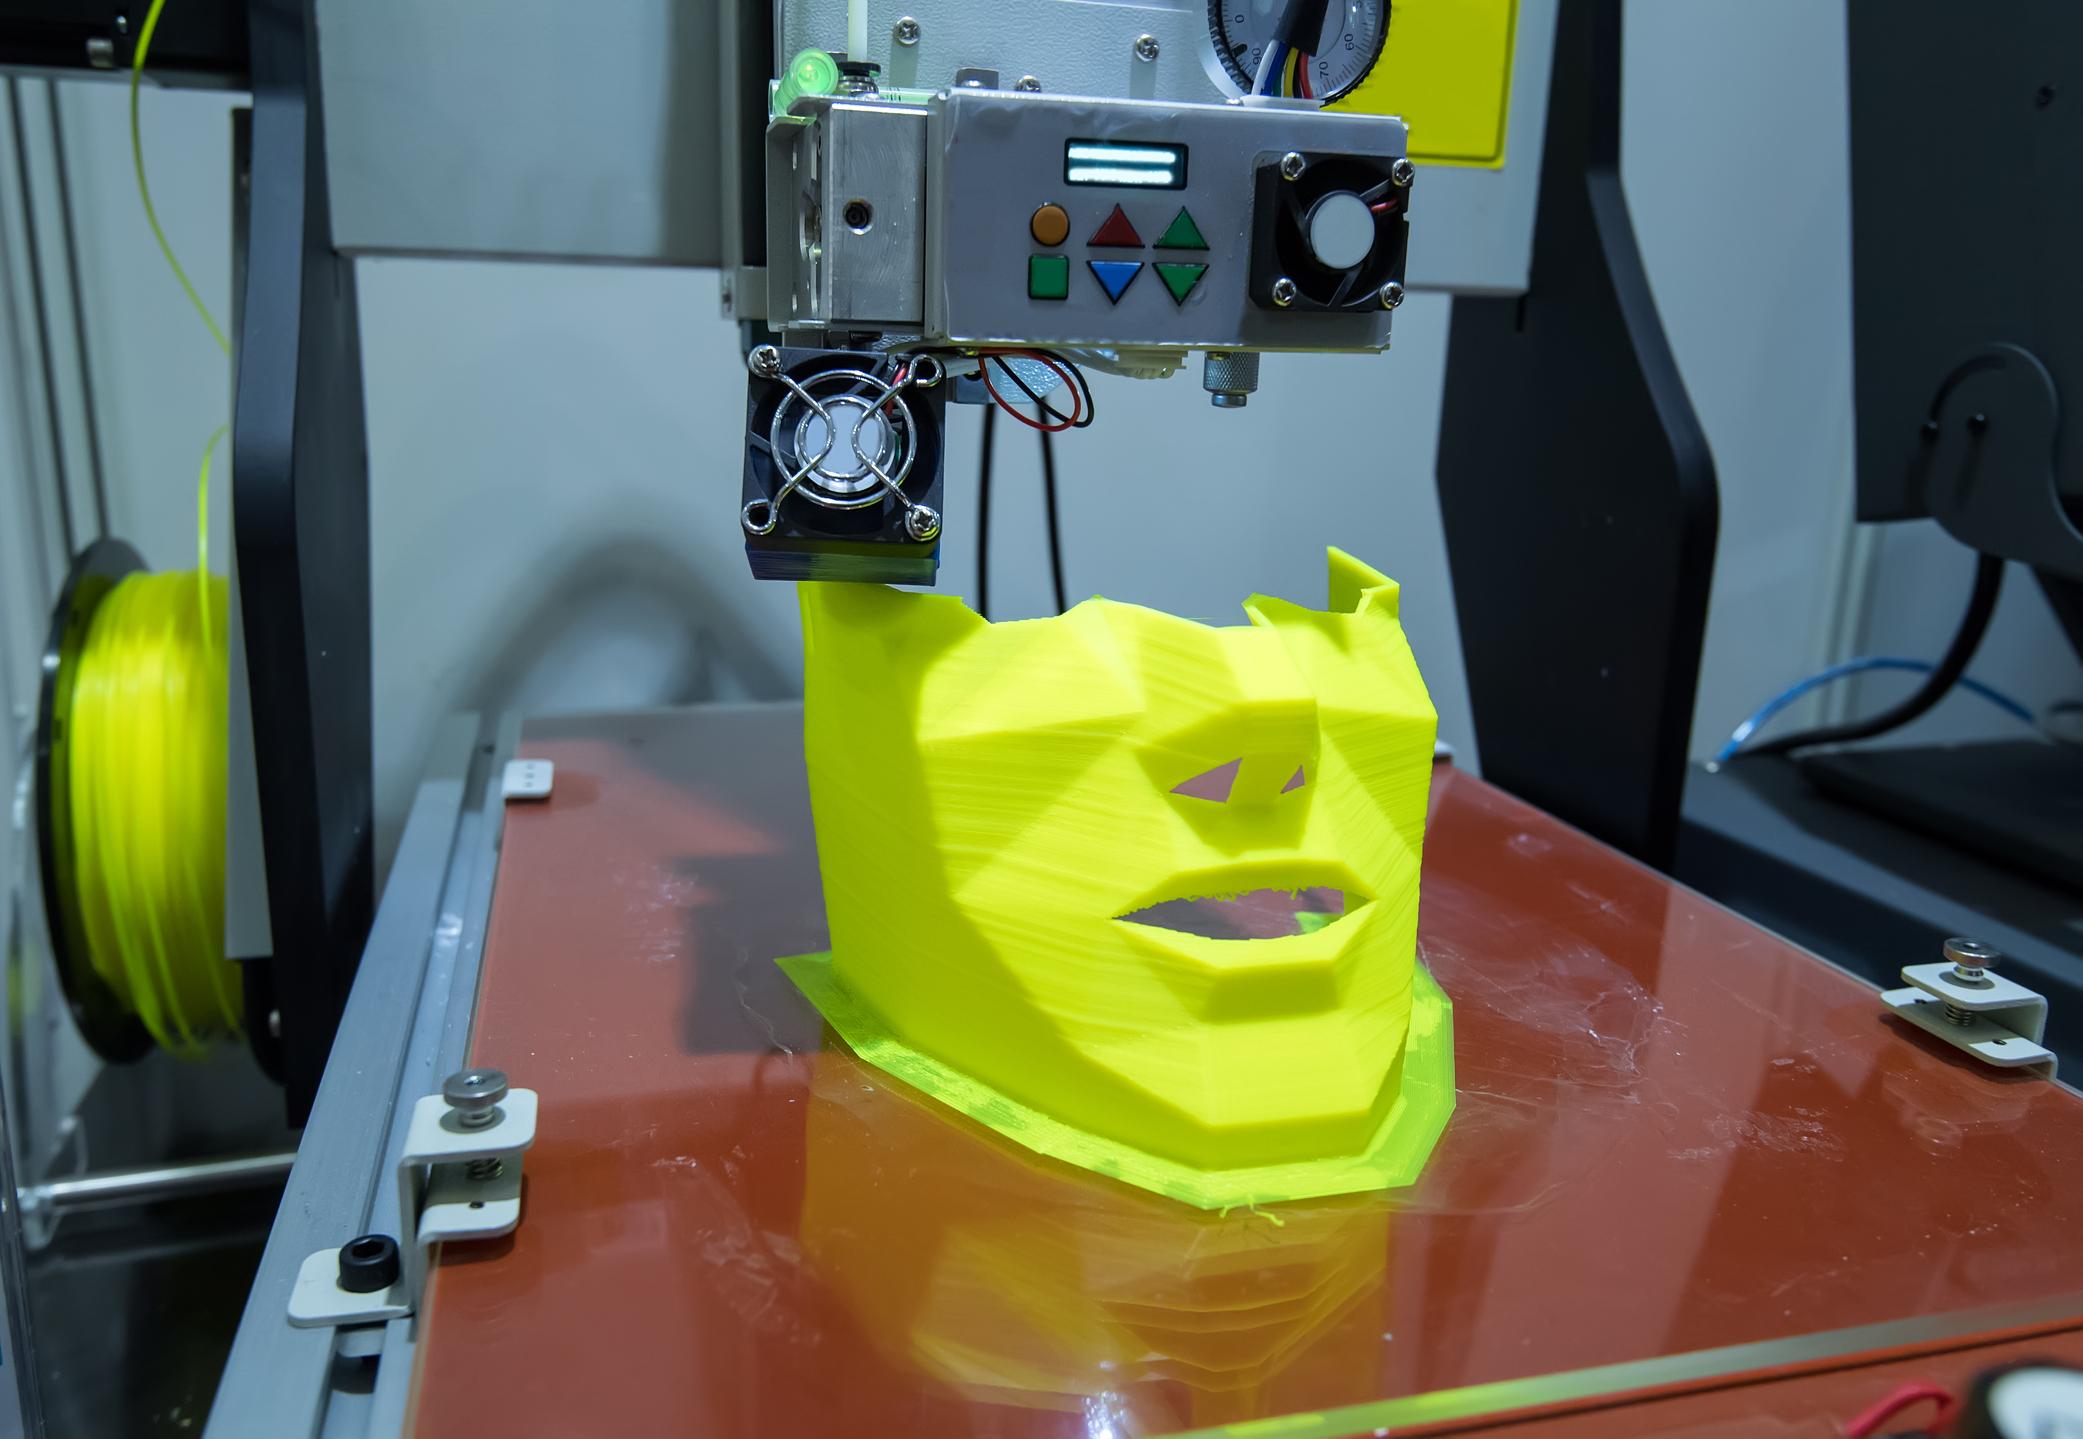 3D printer printing an image of a human face.